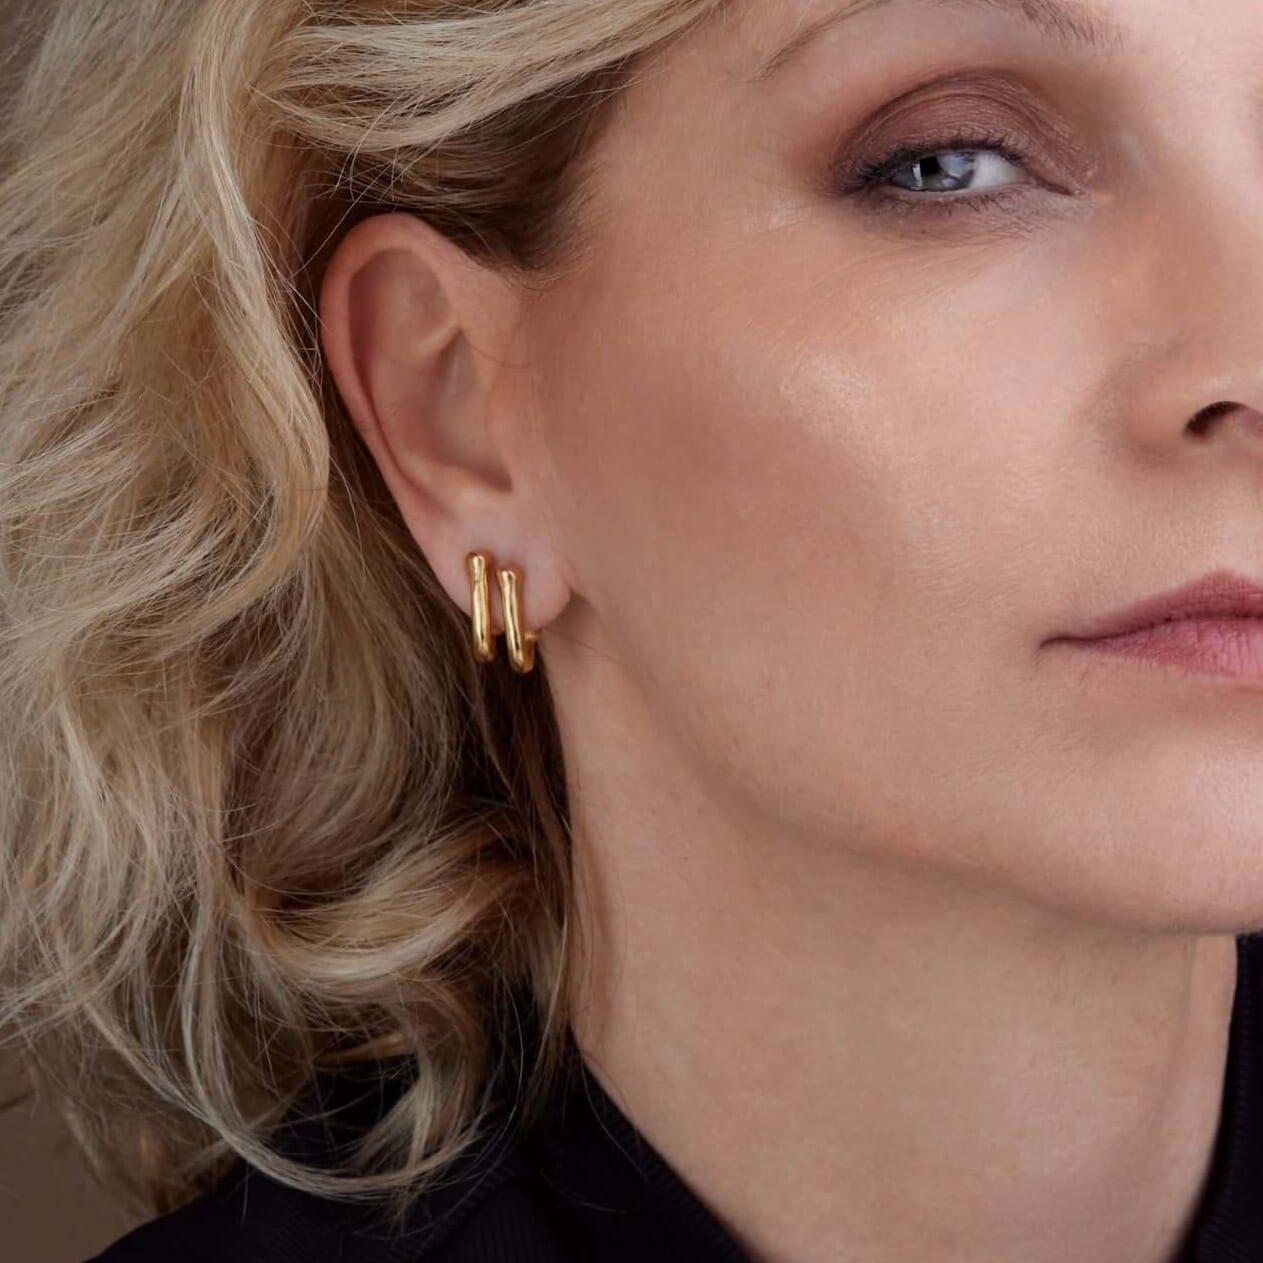 שני עגילים חובקים על אוזן ימין של הדוגמנית, סטודיו לתכשיטים הילה אלון